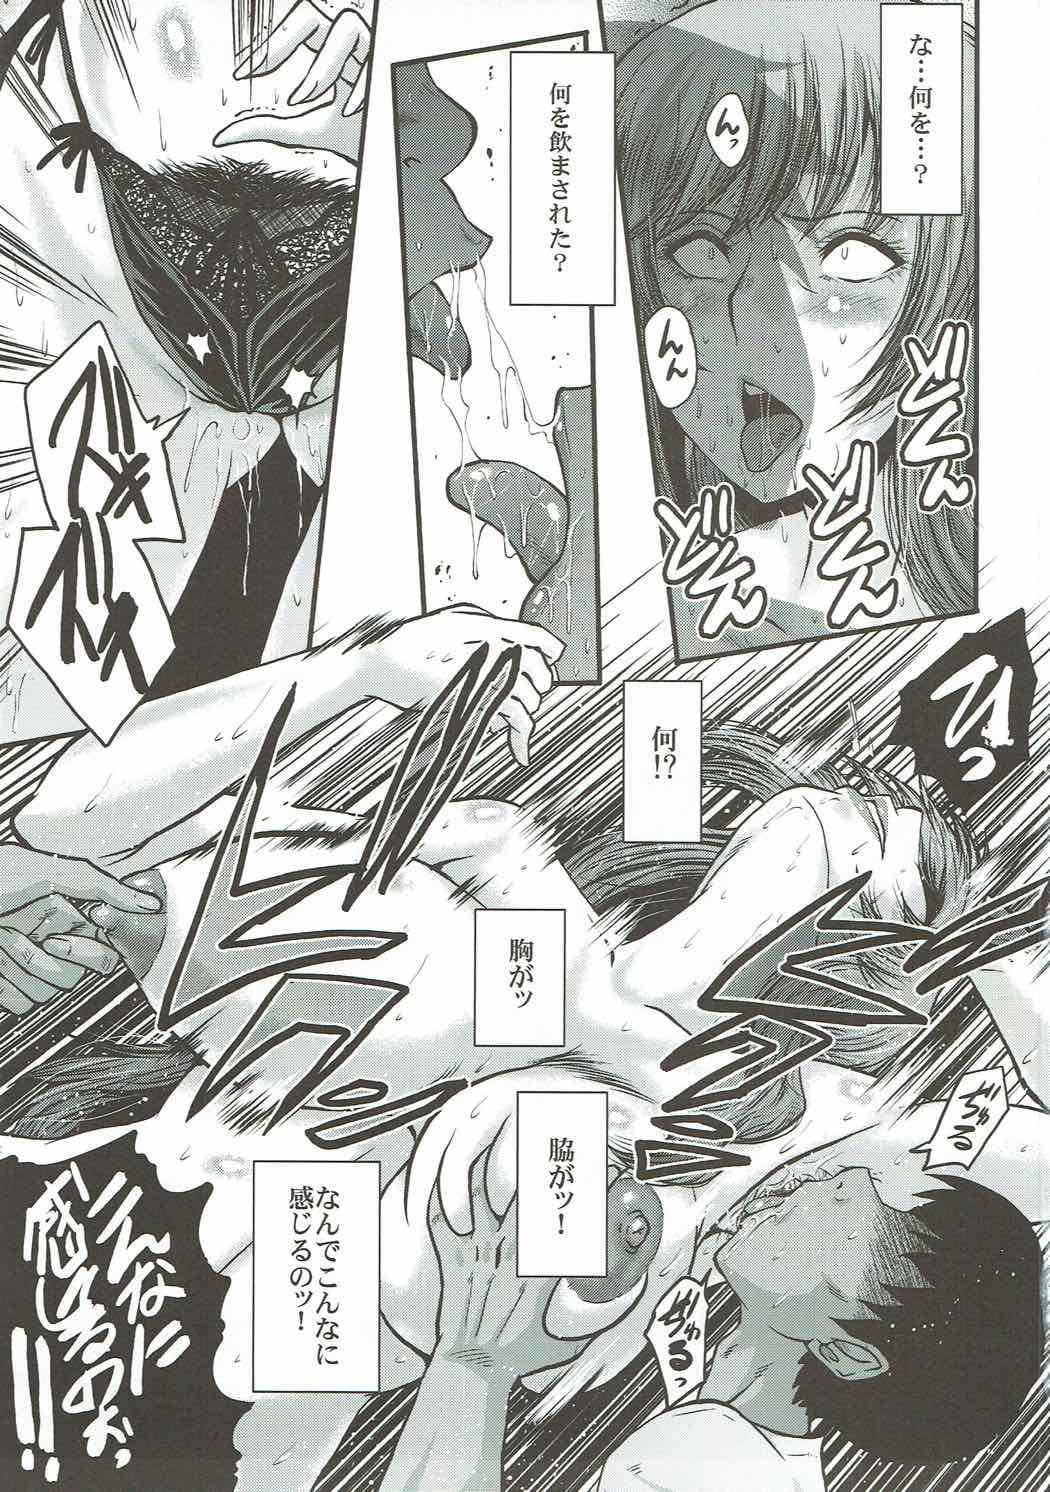 Urabambi Vol. 55 Yuukan Madam no Shiroi Niku 7